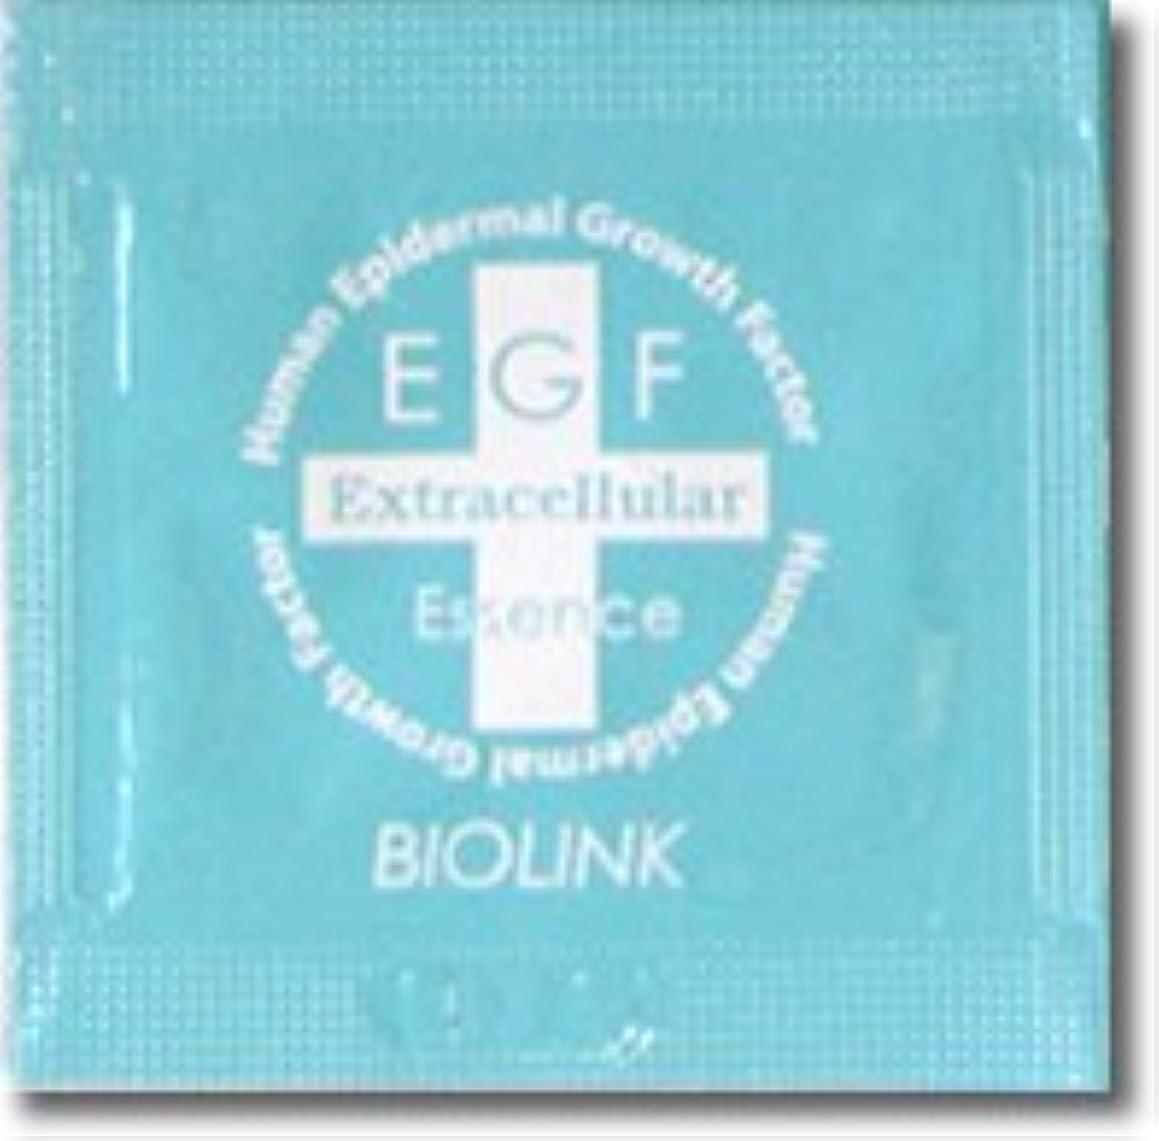 改革最愛の受け皿バイオリンク EGF エクストラエッセンス 分包 100個+10個おまけ付きセット